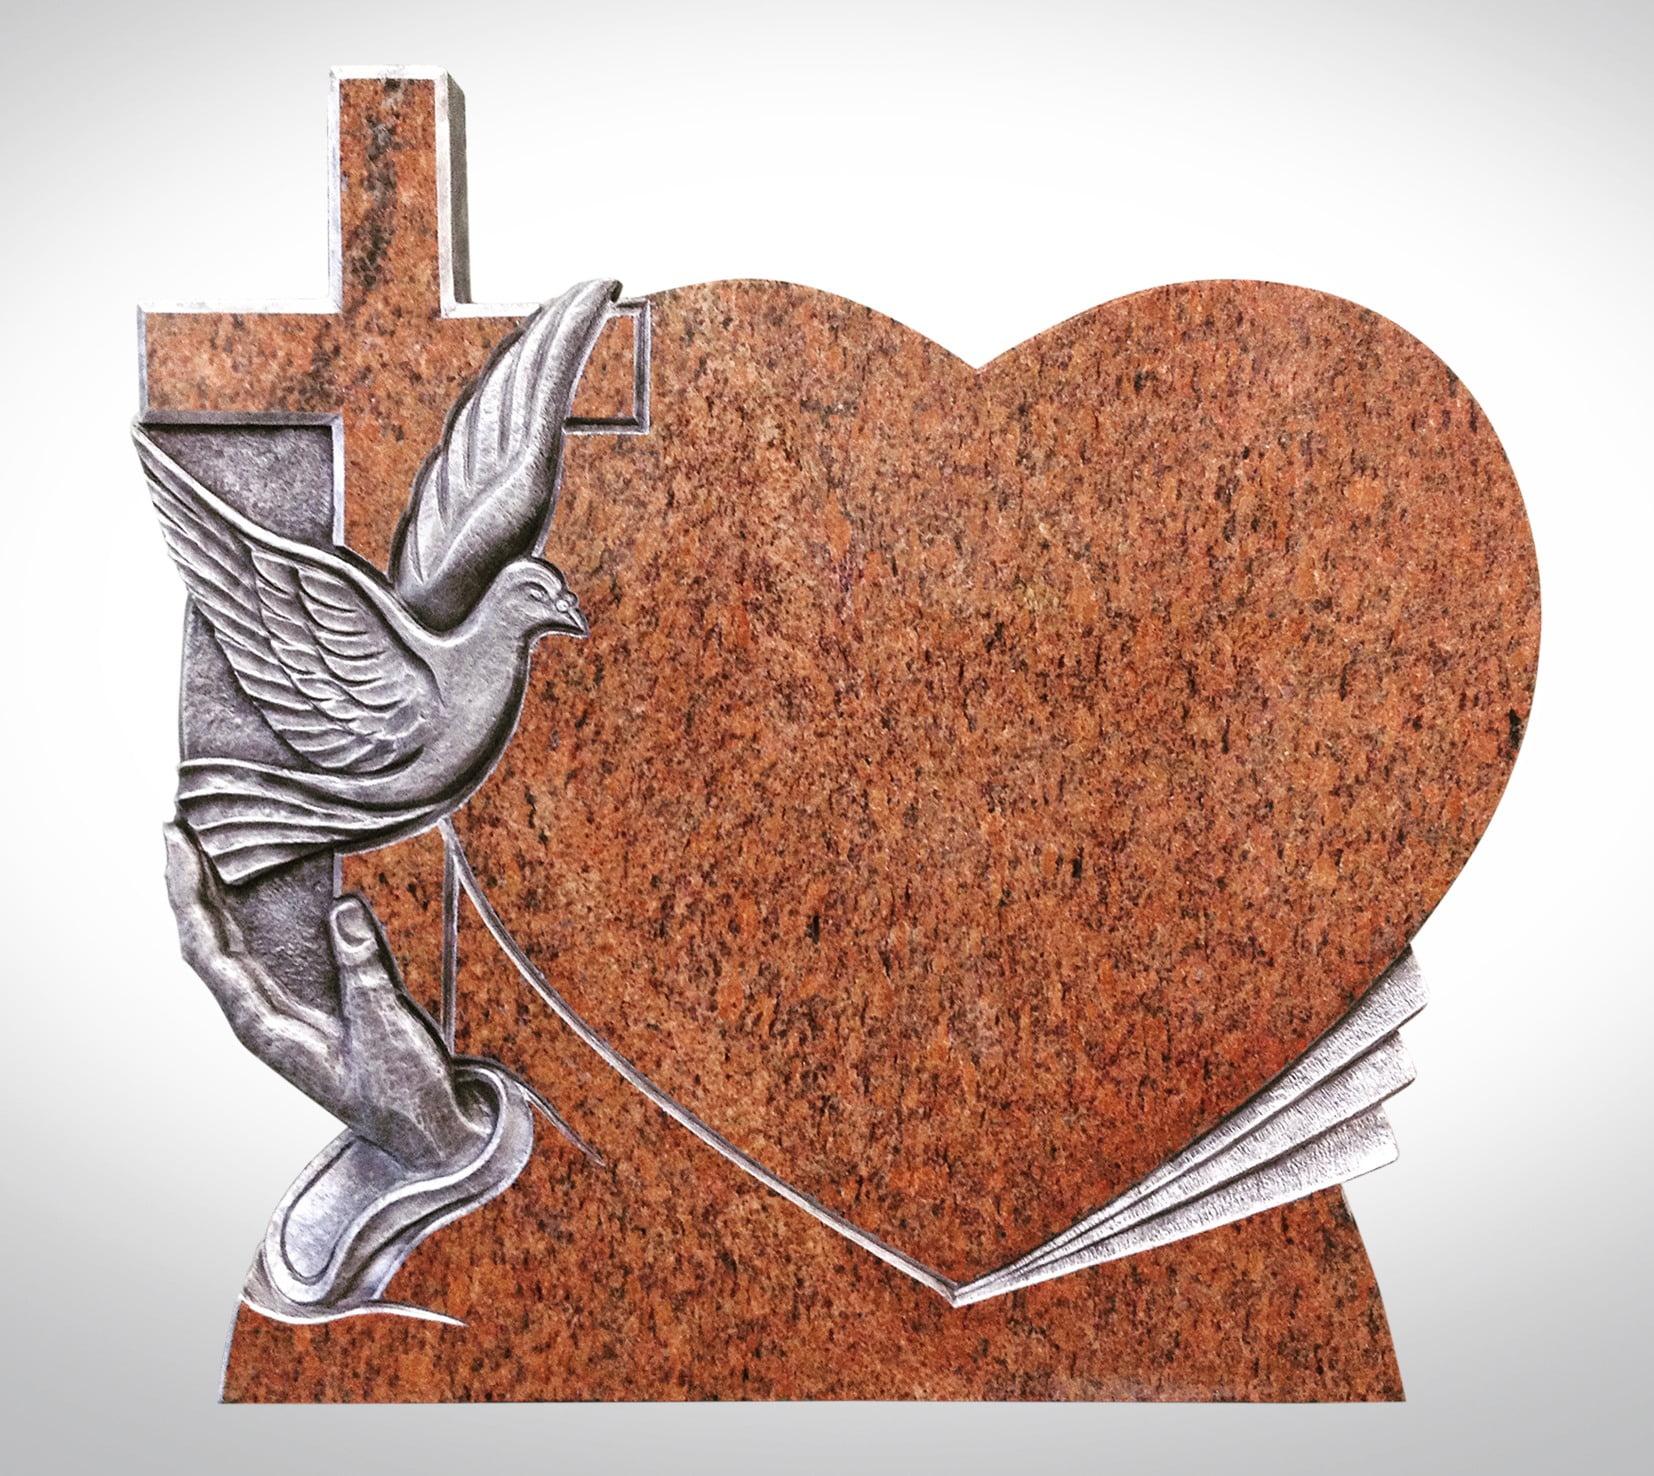 Marmurowy nagrobek z krzyżem i gołębiem - Nagrobki Bielsko-Biała